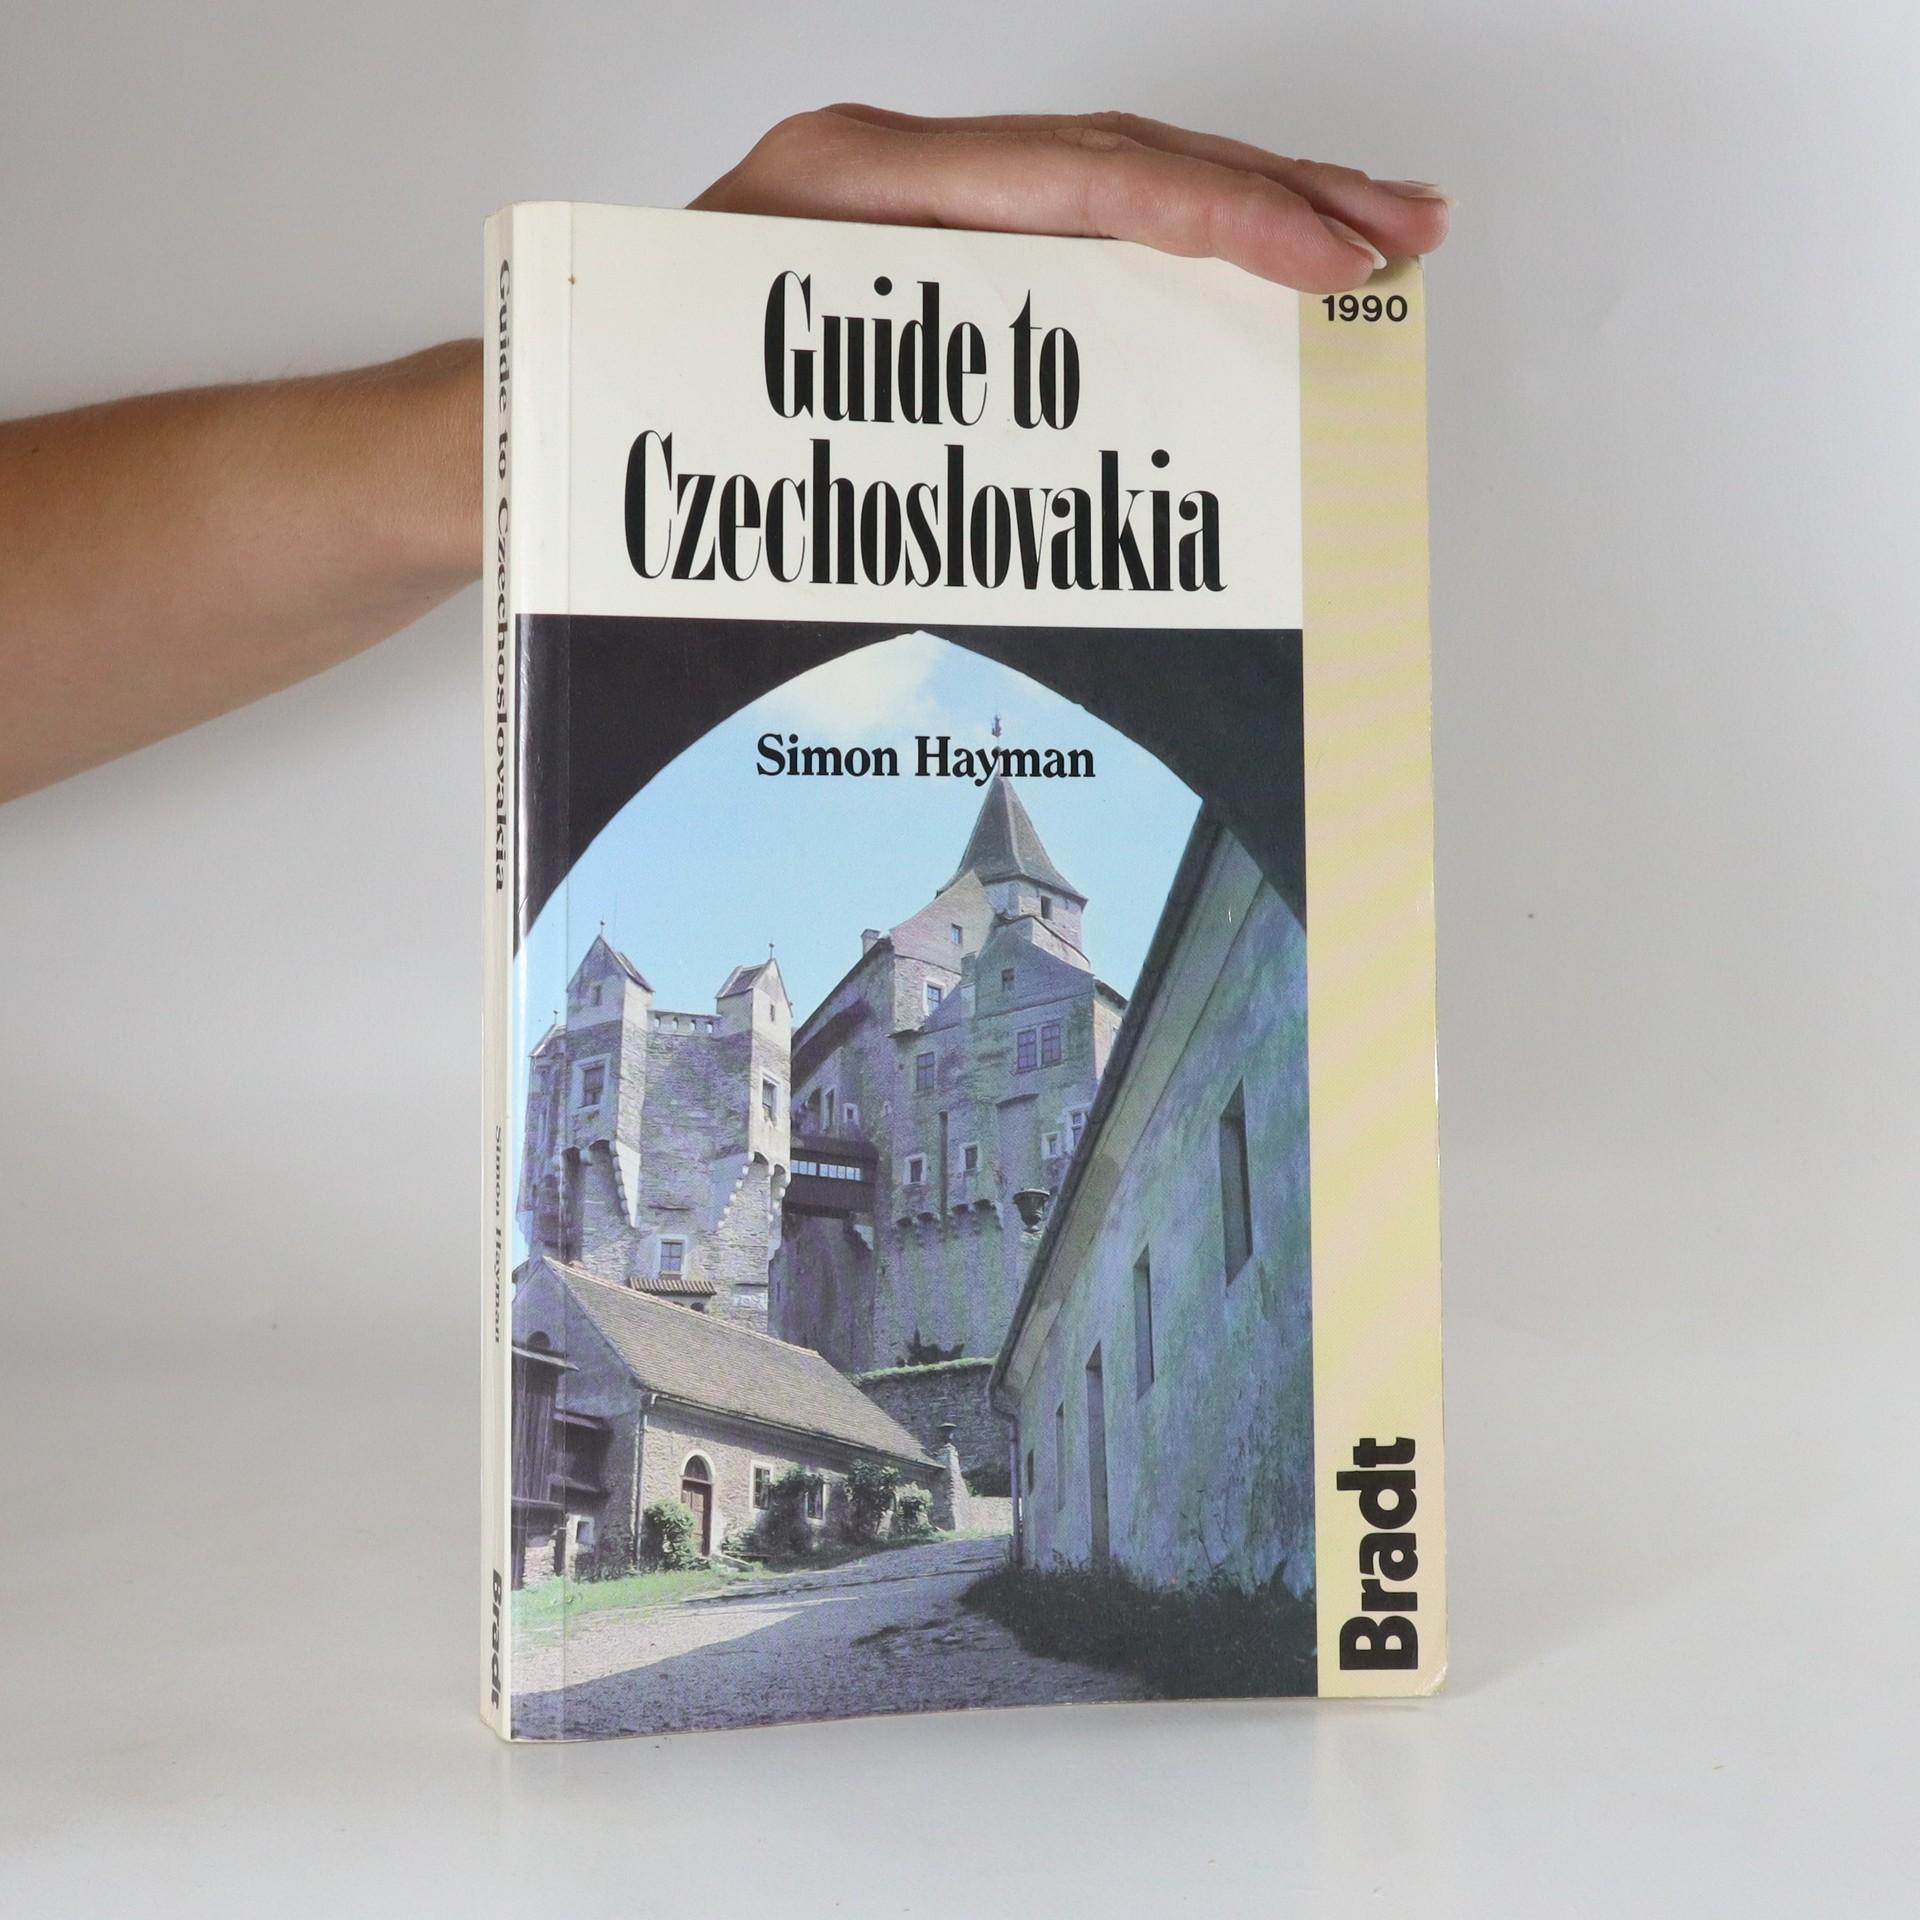 antikvární kniha Guide to Czechoslovakia, 1990